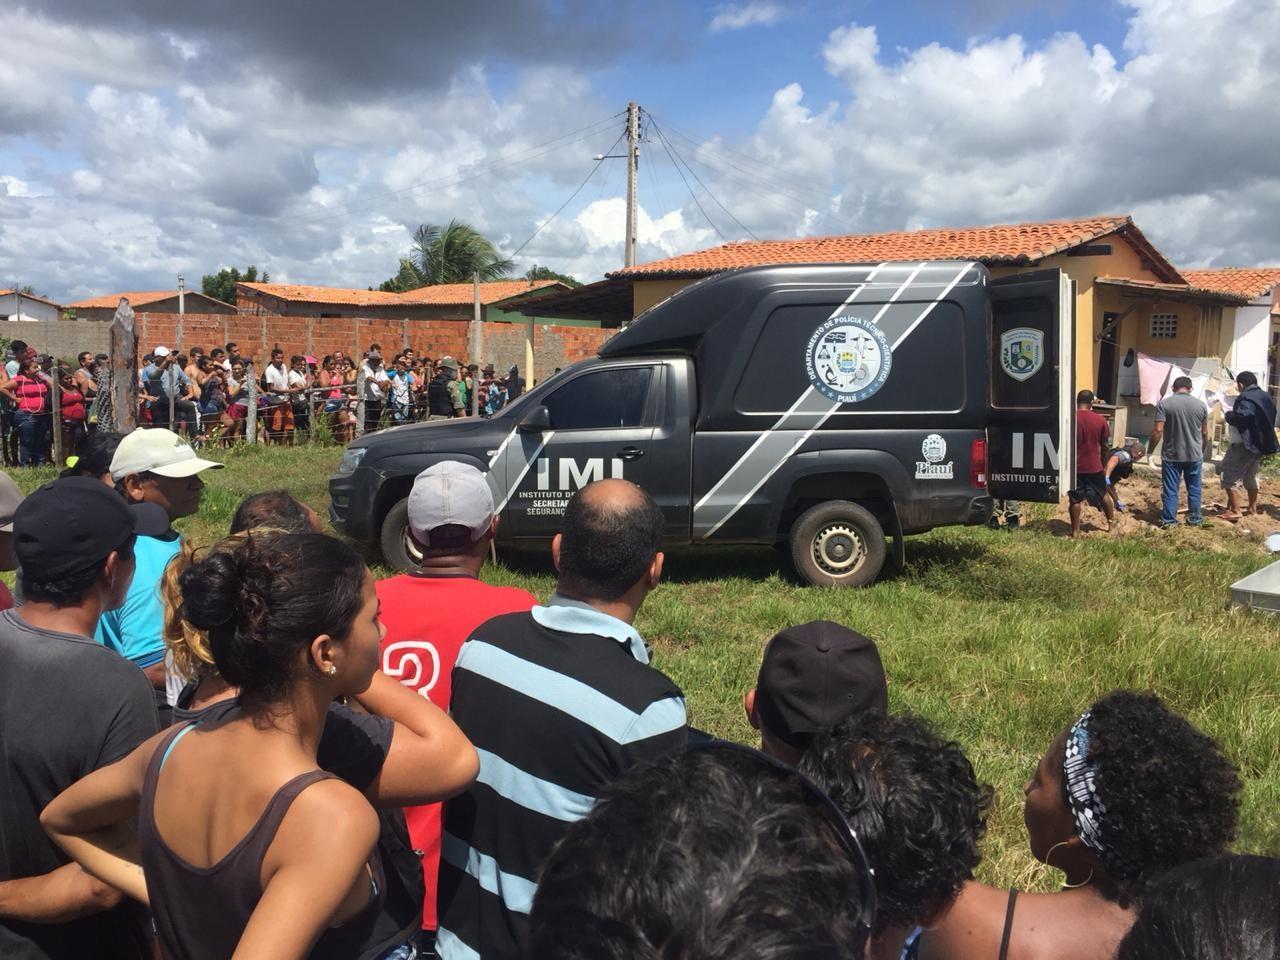 Acusado de matar esposa e enterrar no quintal de casa, homem é condenado por feminicídio a 32 anos de prisão no Piauí